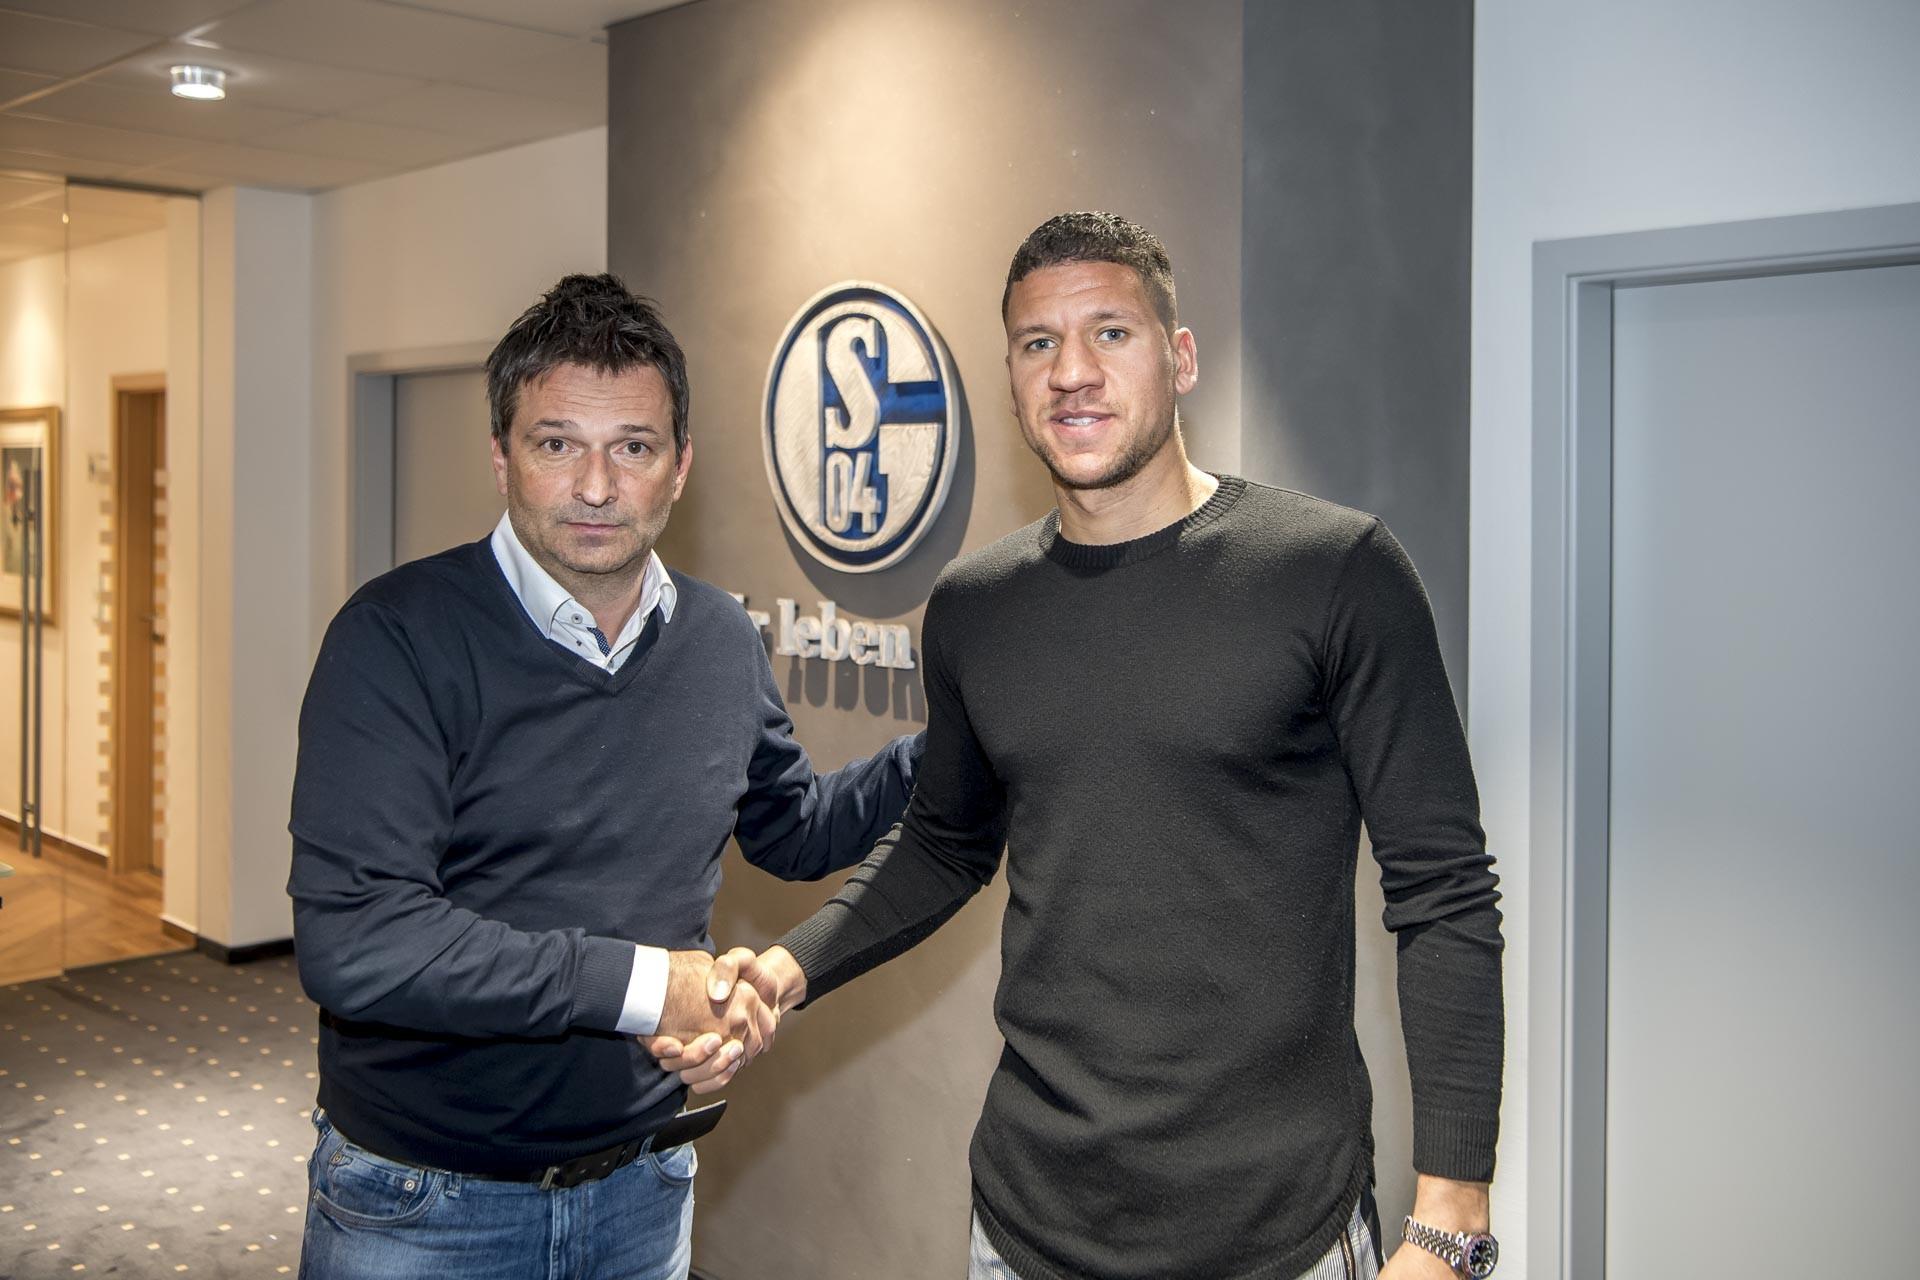 官方:沙尔克04租借沃尔夫斯堡中后卫布鲁马